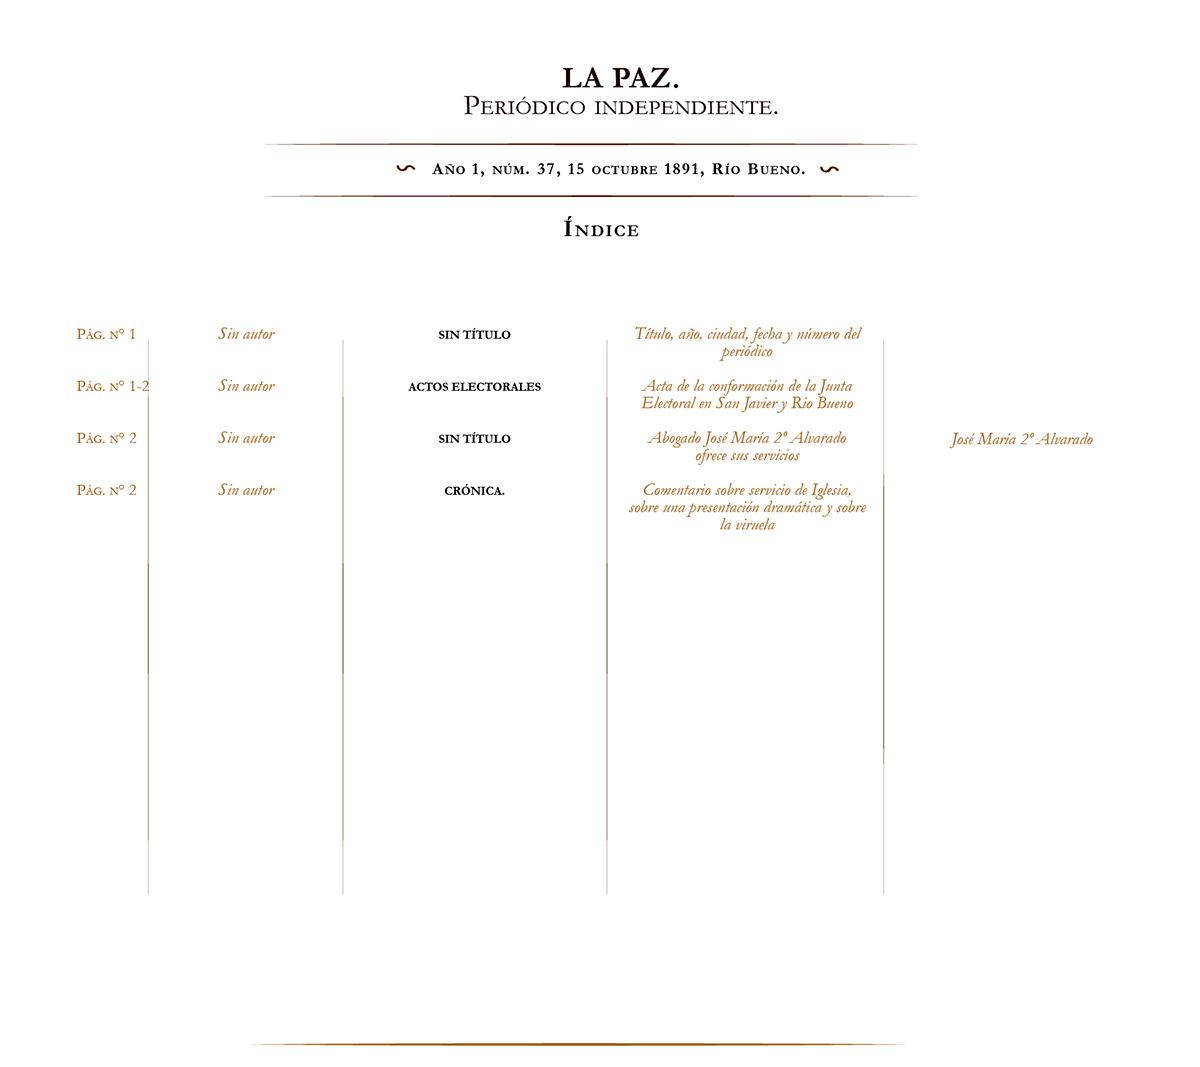 La Paz no. 37